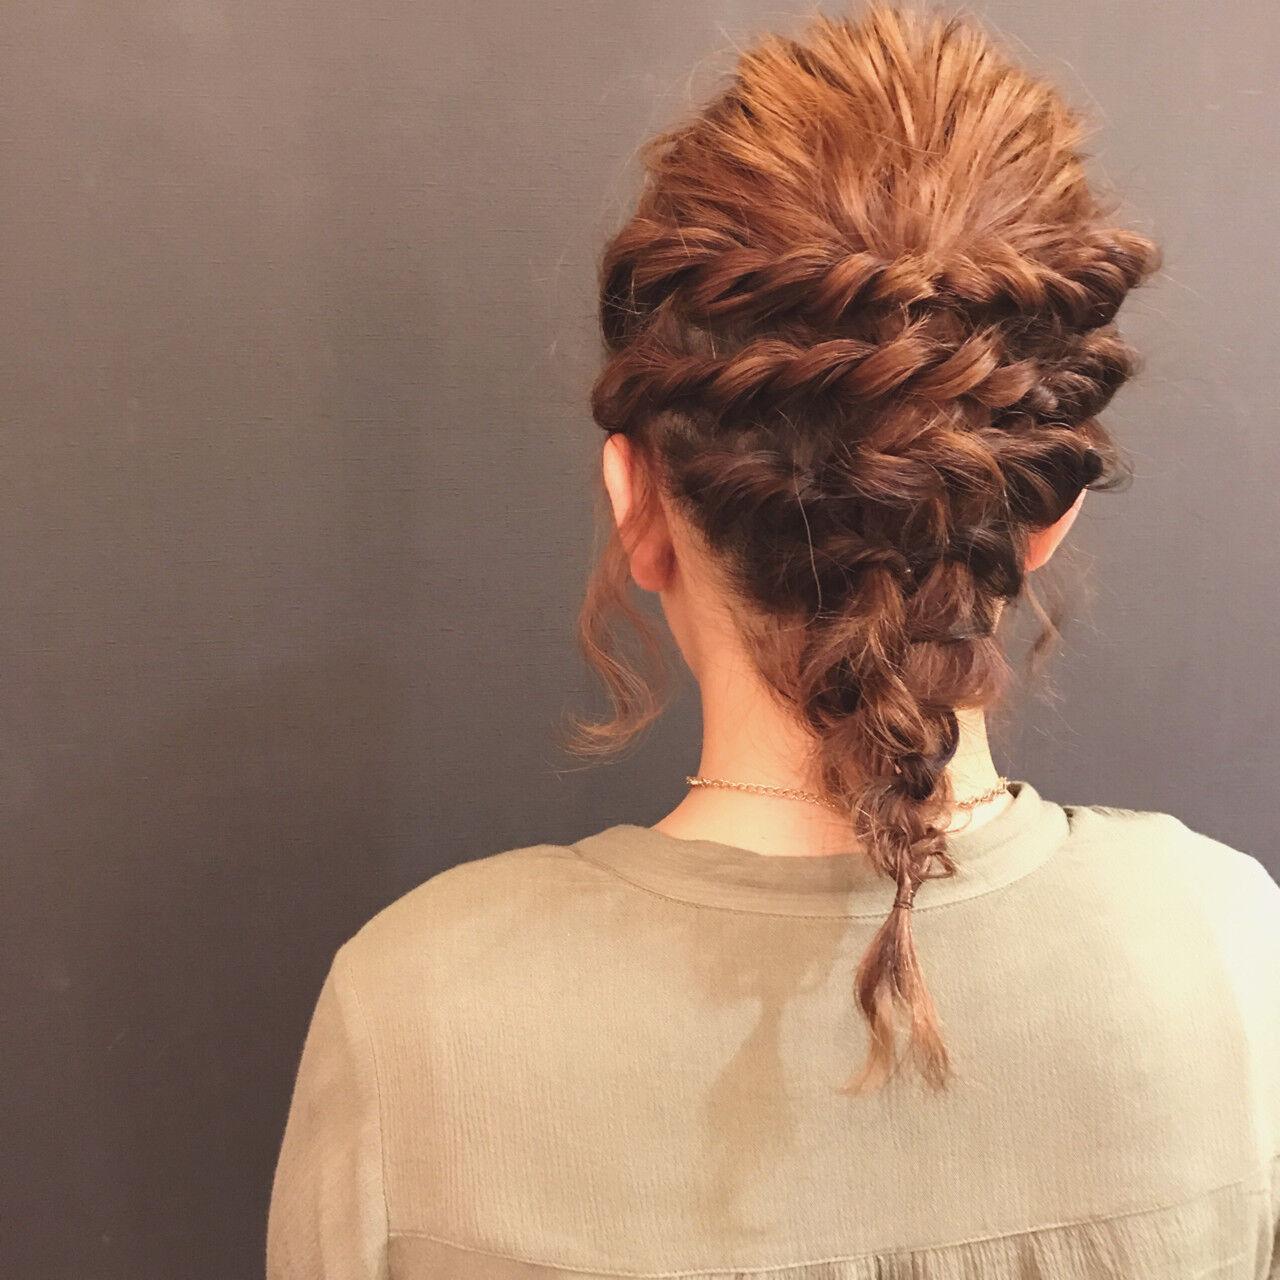 波ウェーブ ヘアアレンジ ミディアム ツイストヘアスタイルや髪型の写真・画像